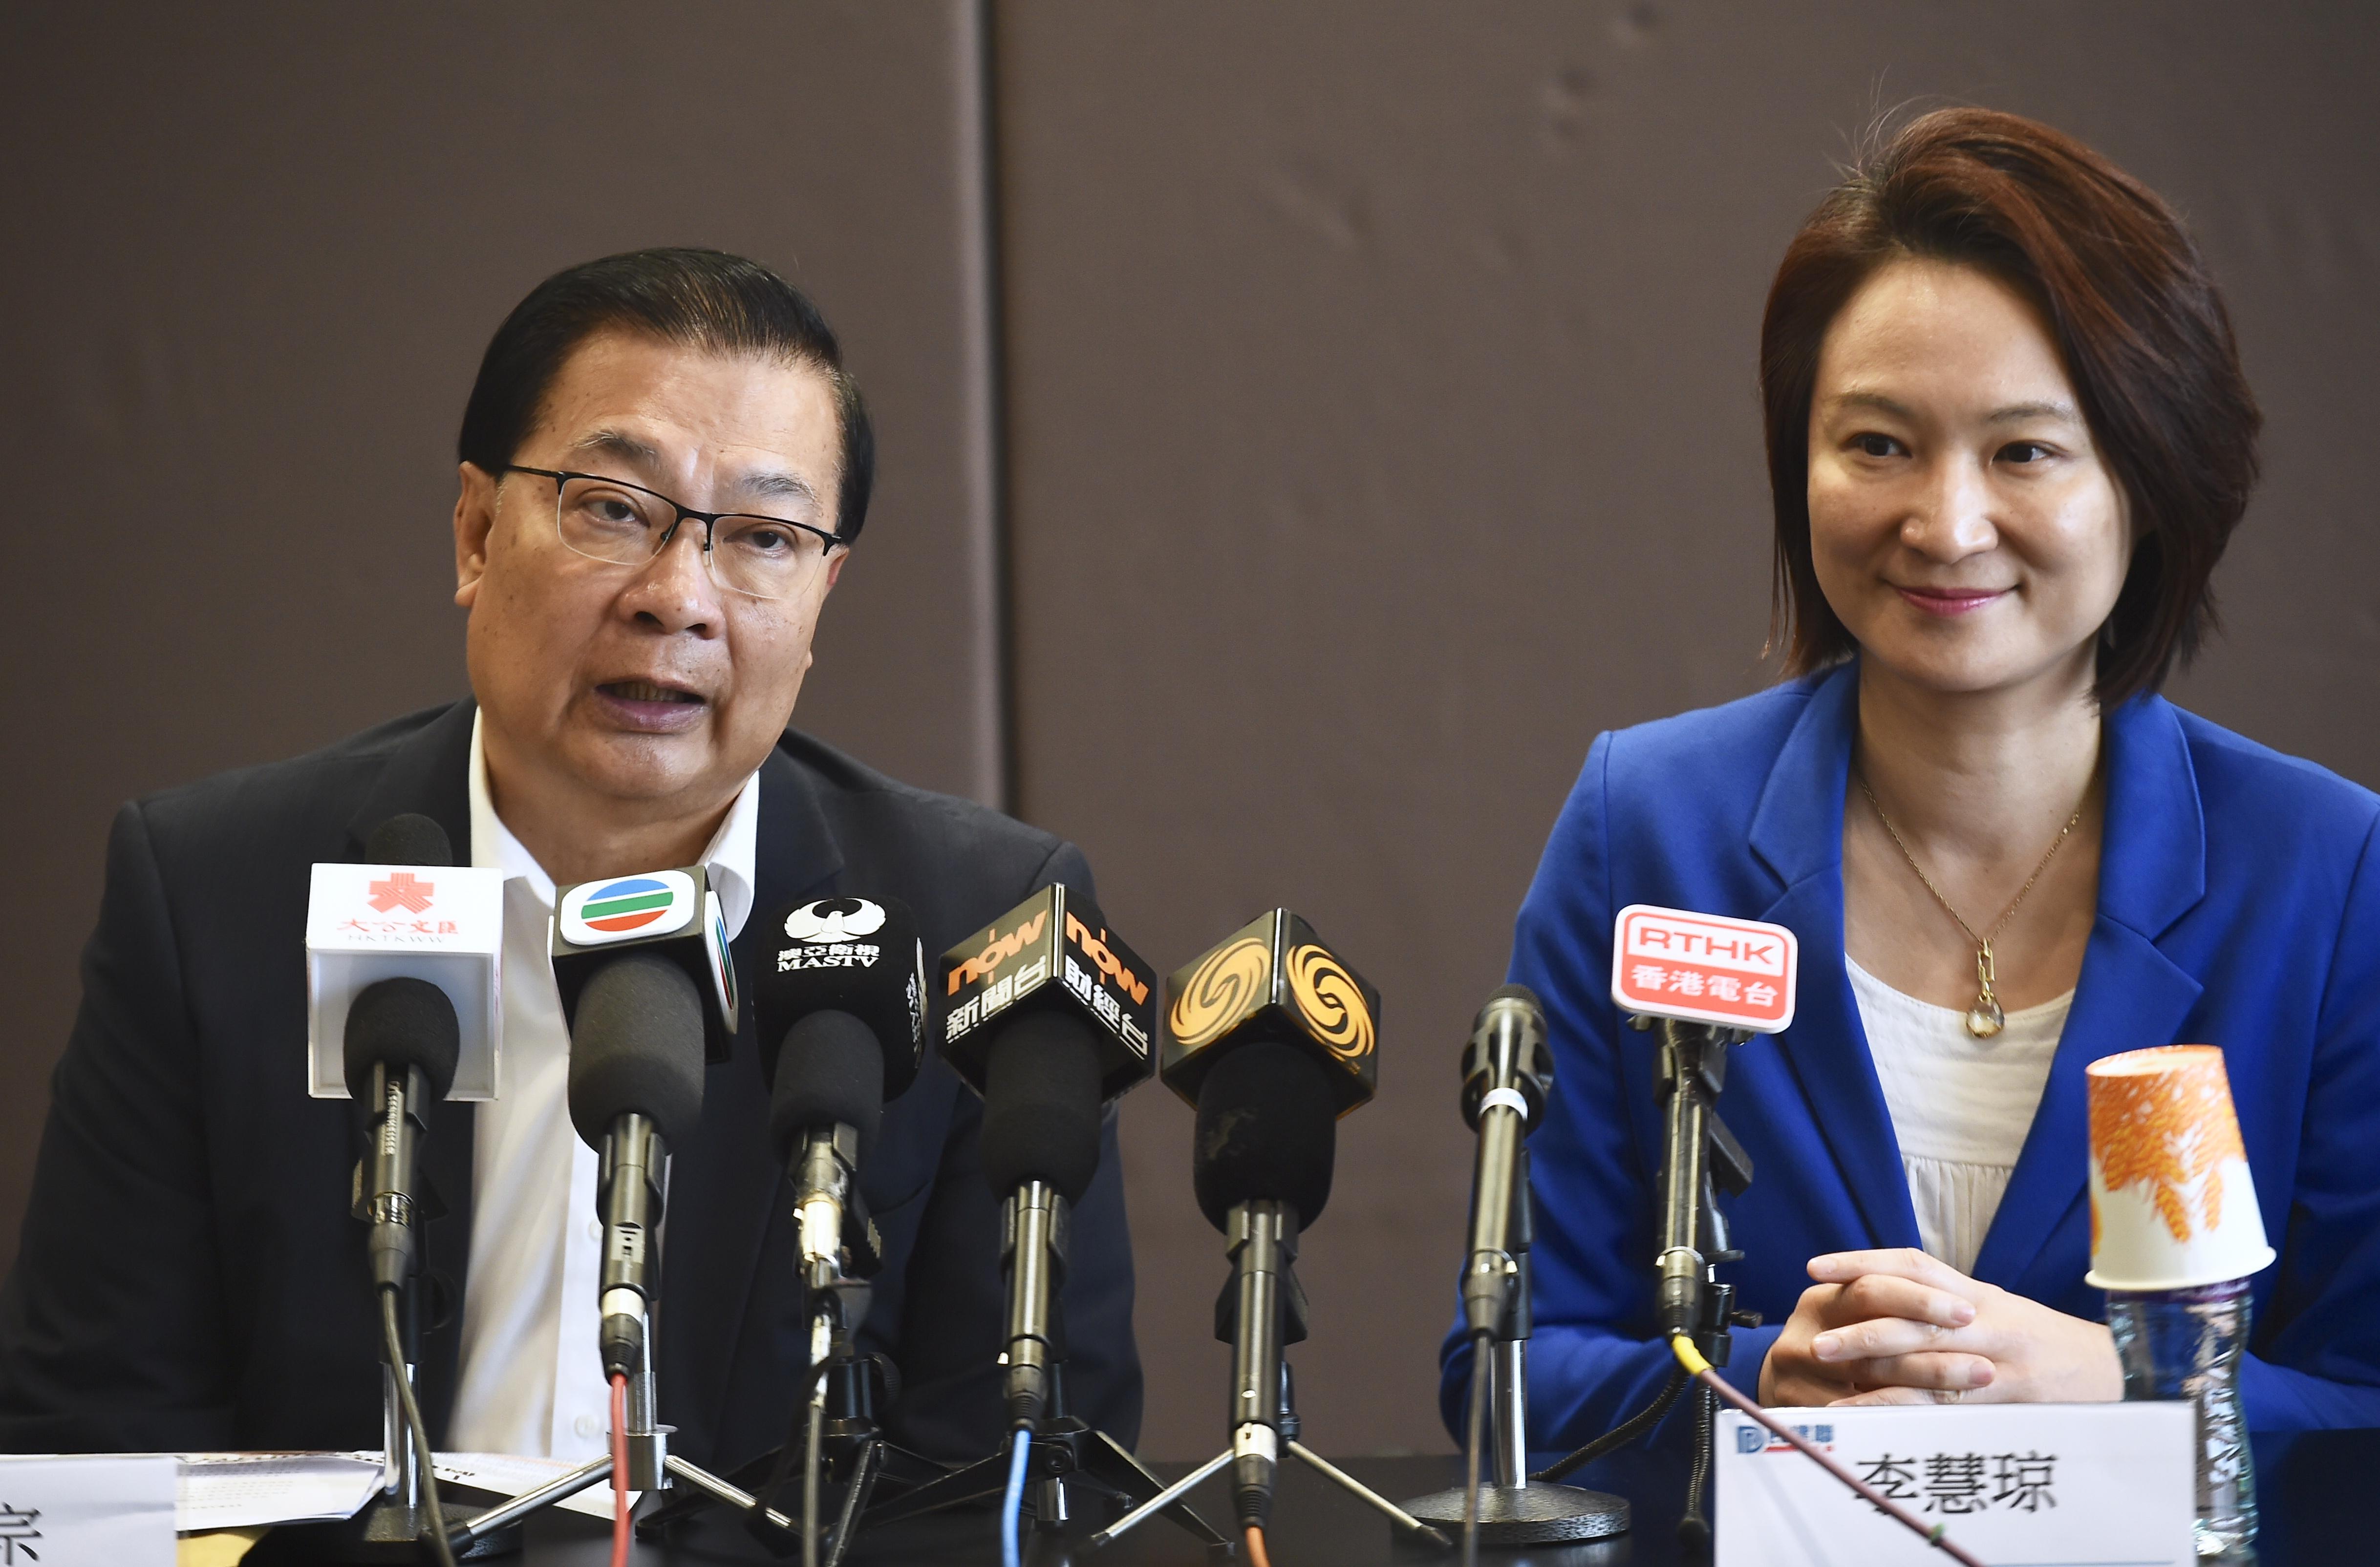 譚耀宗(左)和李慧琼(右)(中新社資料圖片)